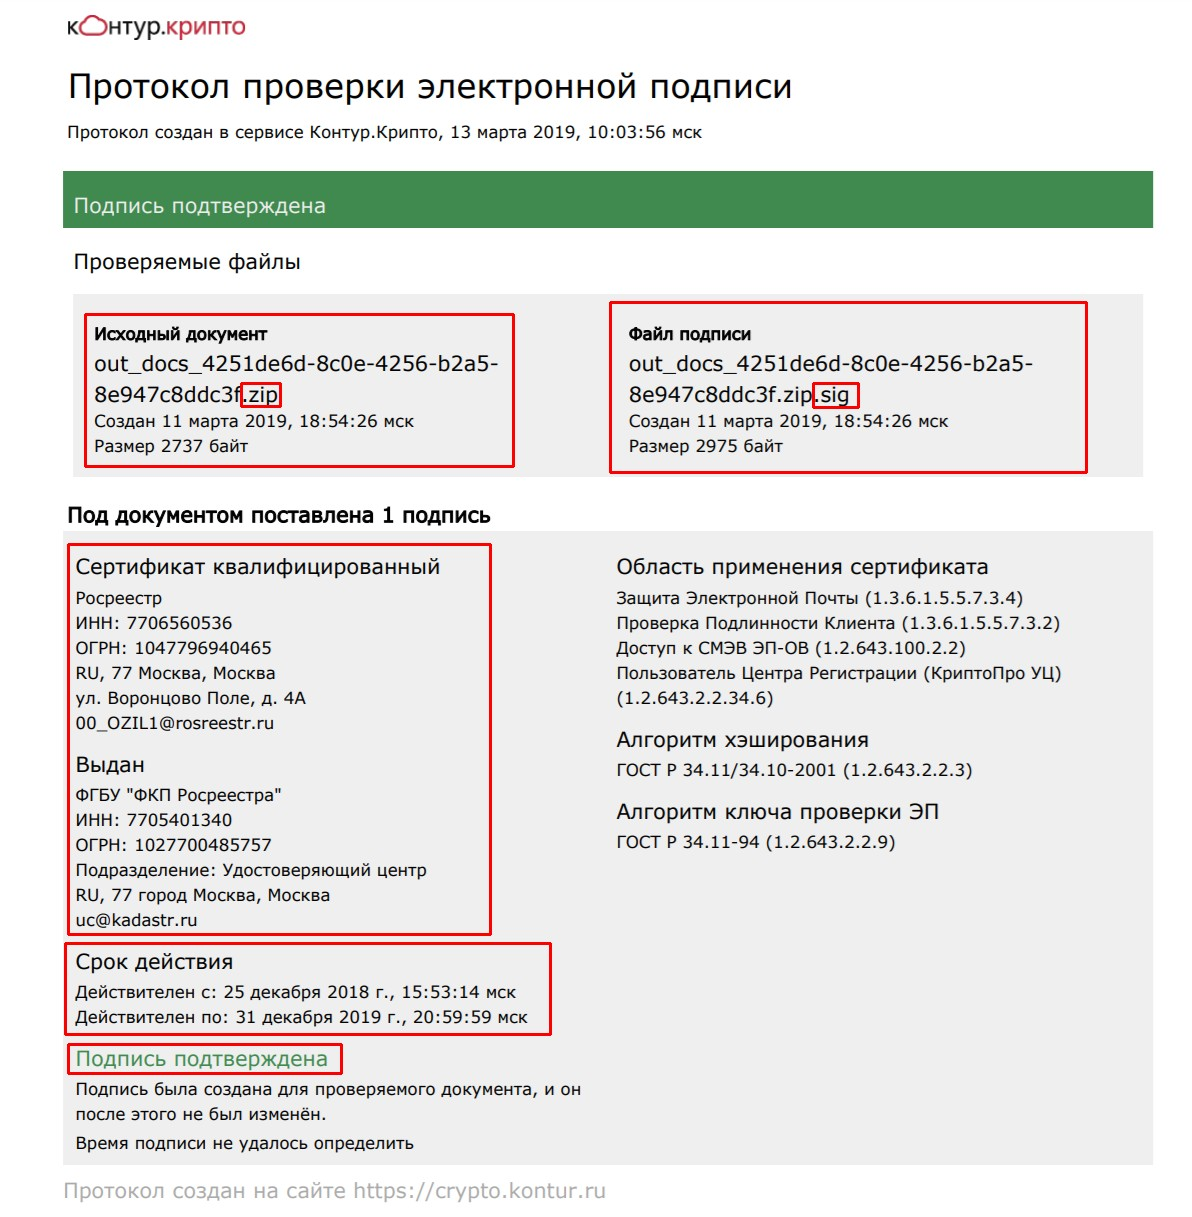 Как распечатать электронную цифровую подпись росреестра - Юрист Михайлов